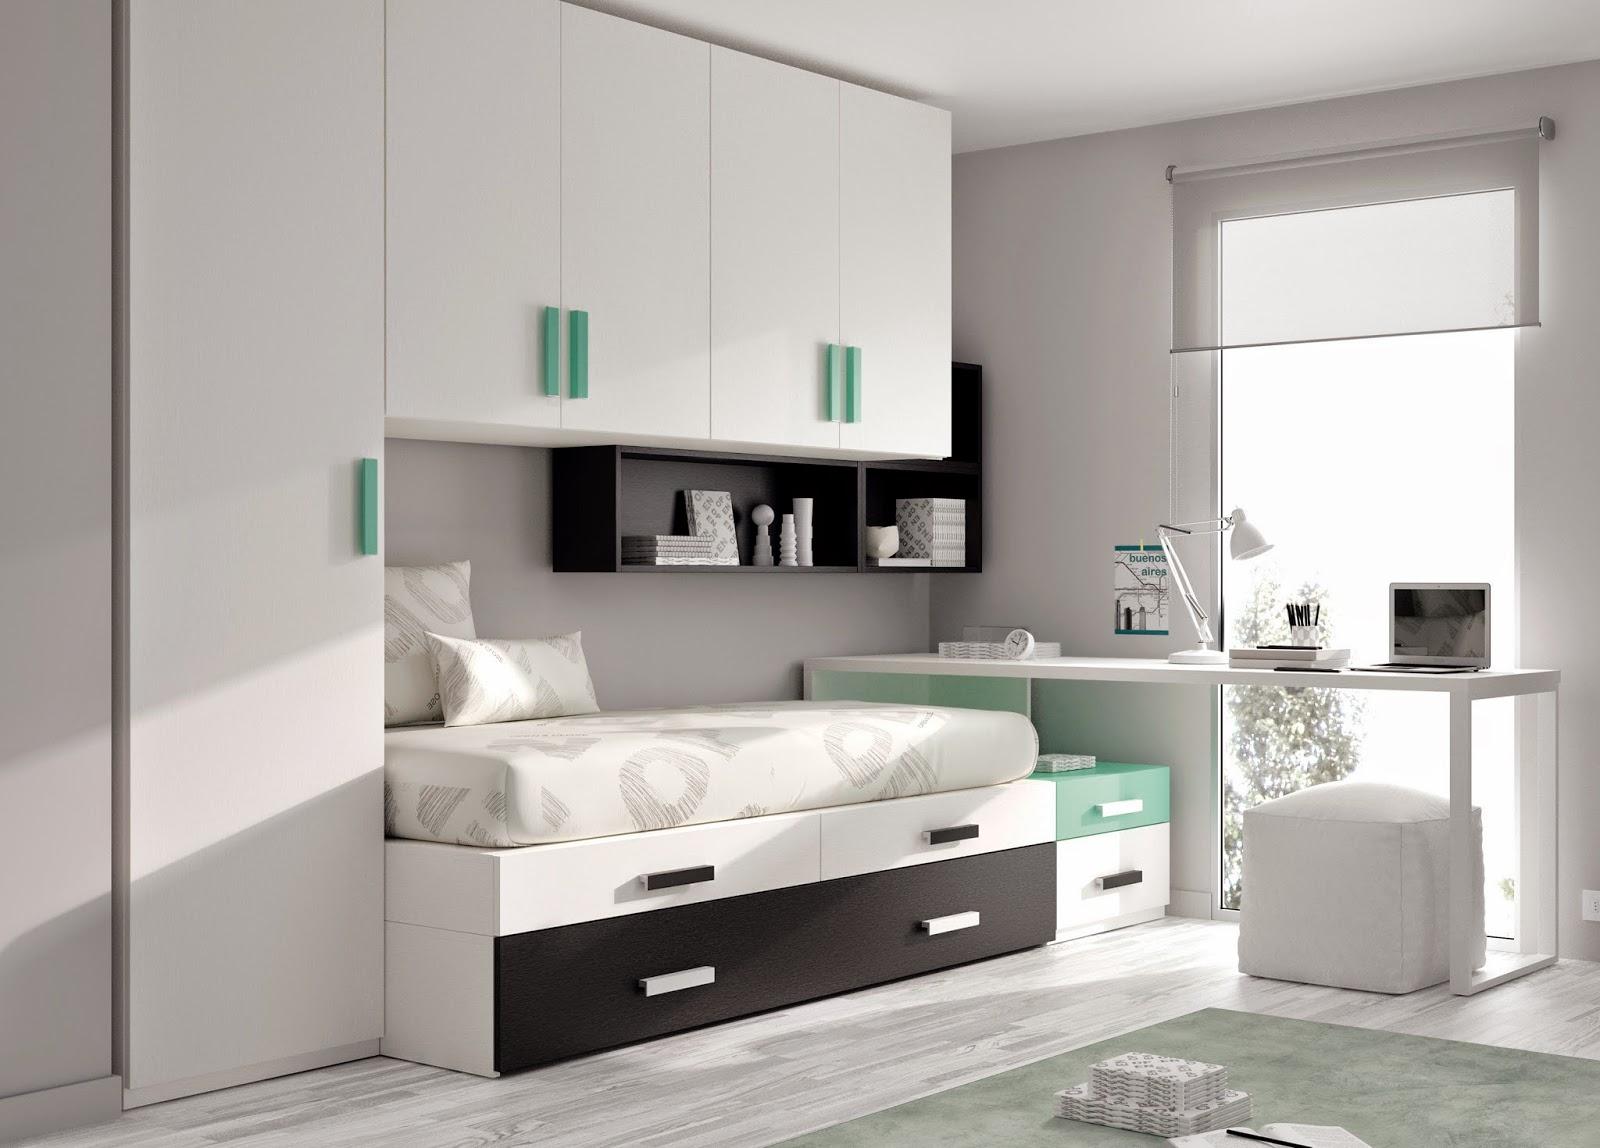 Camere da letto di mobili ros - El corte ingles dormitorios juveniles ...